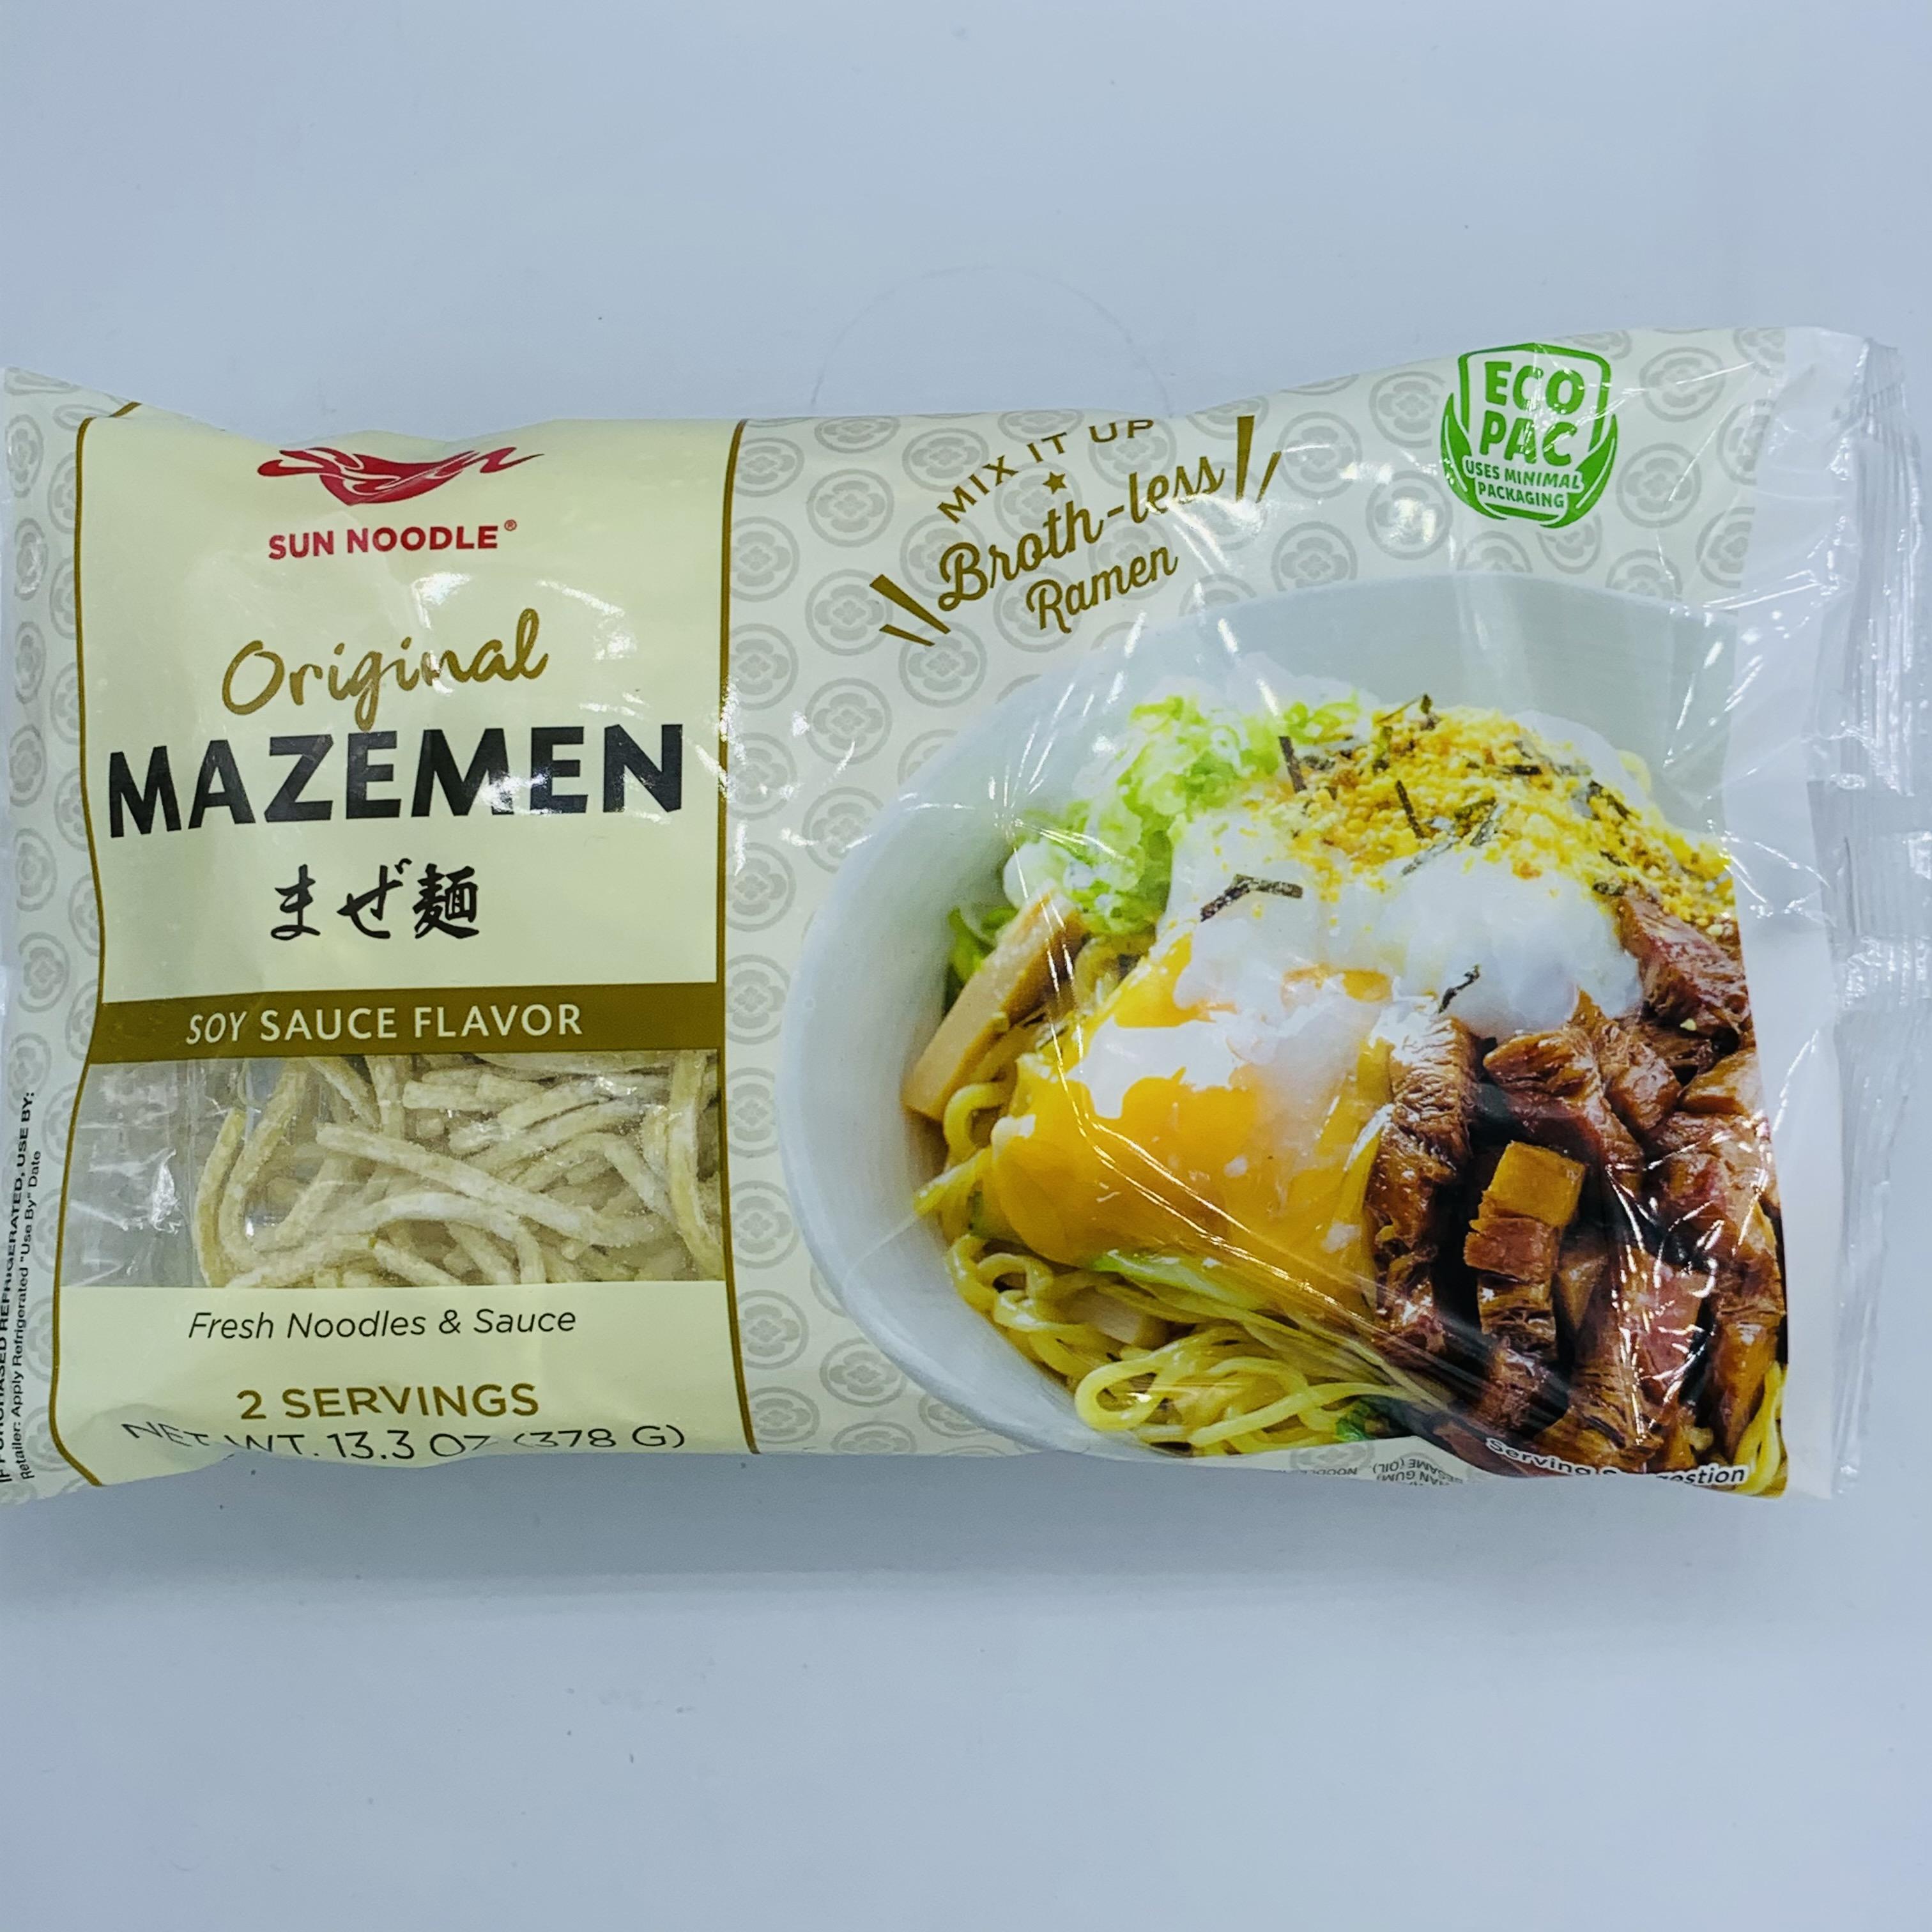 [Sun Noodle]